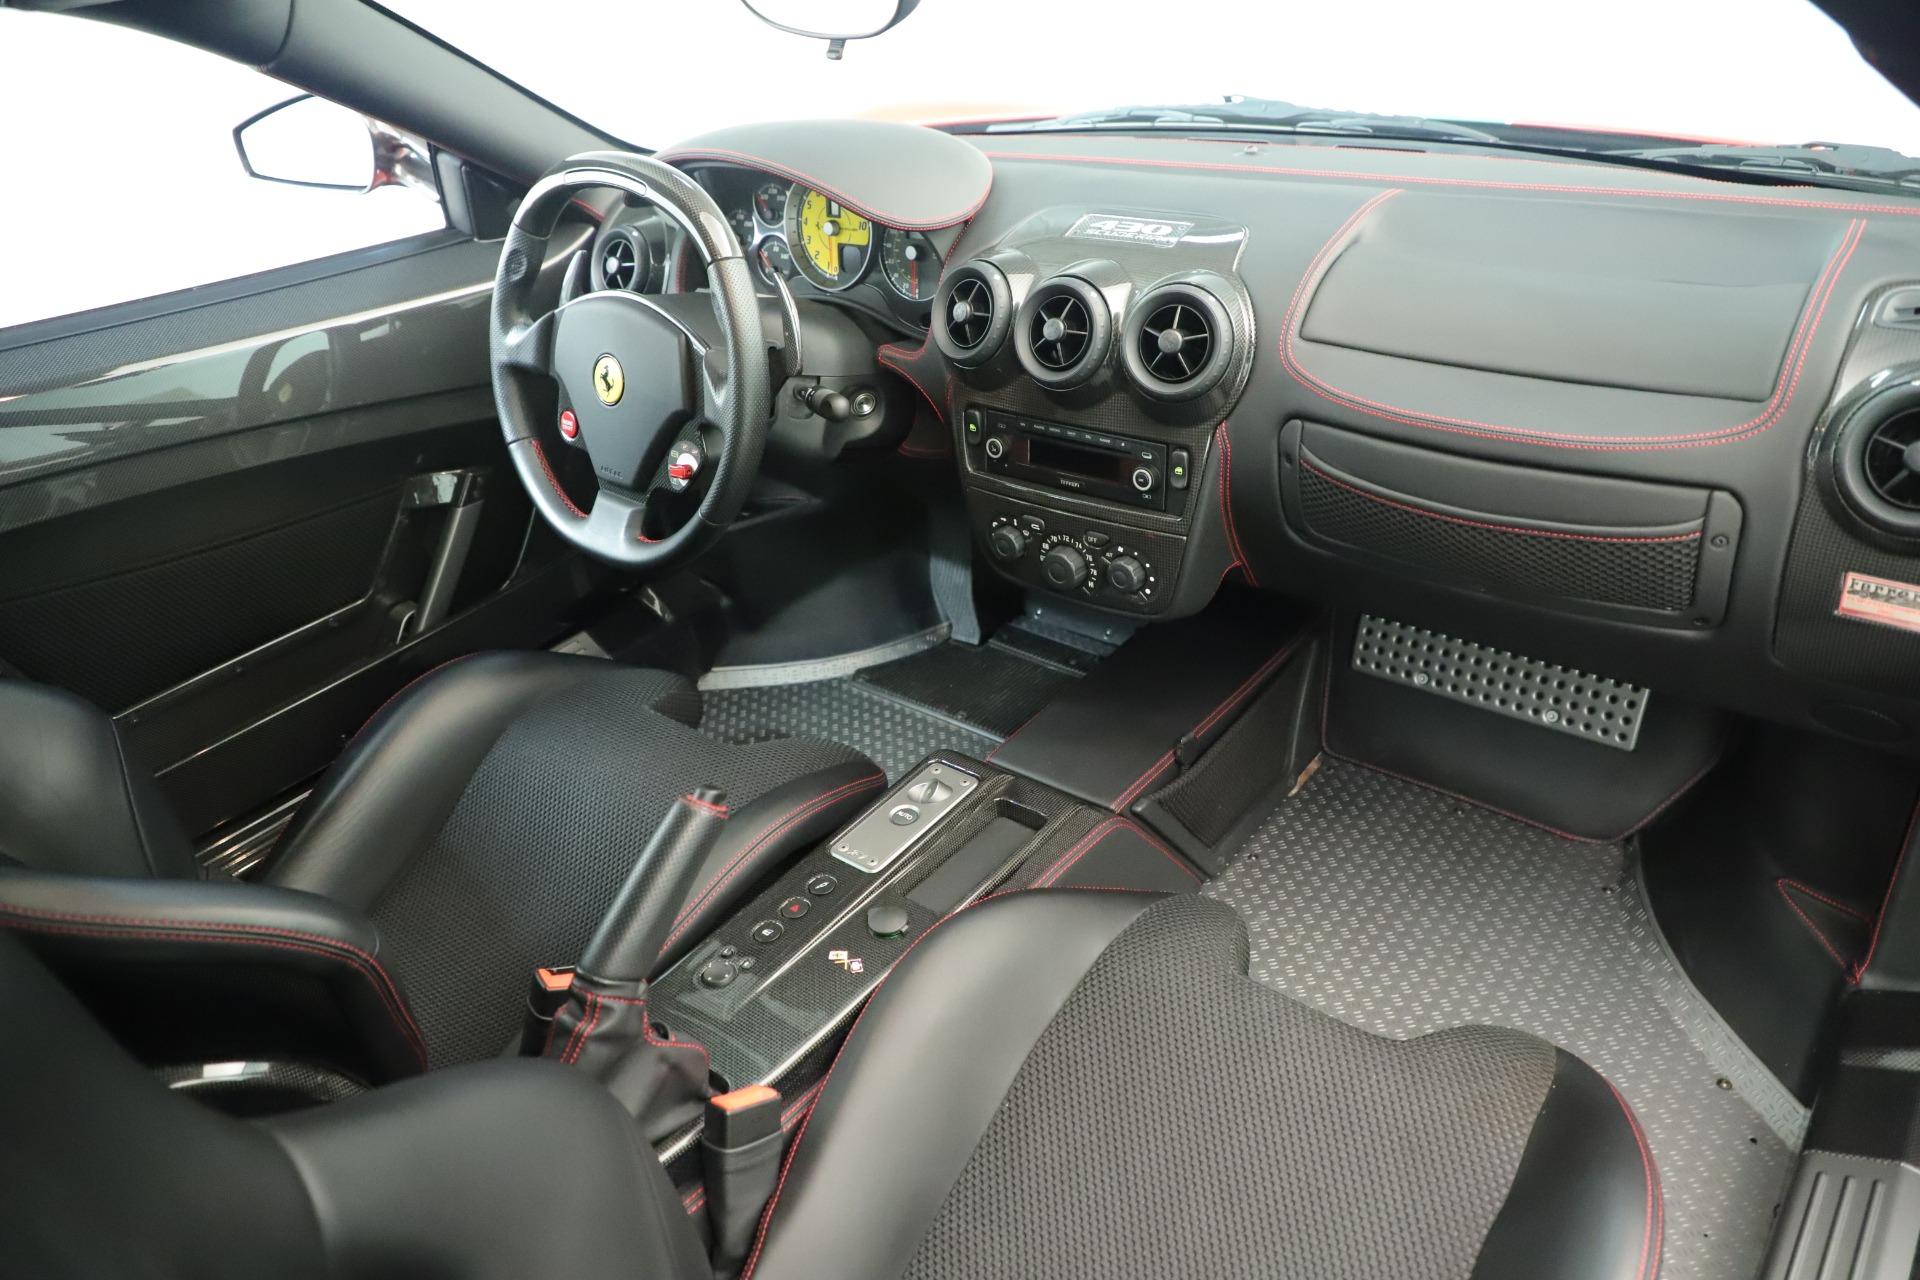 Used 2008 Ferrari F430 Scuderia For Sale In Greenwich, CT 3381_p17